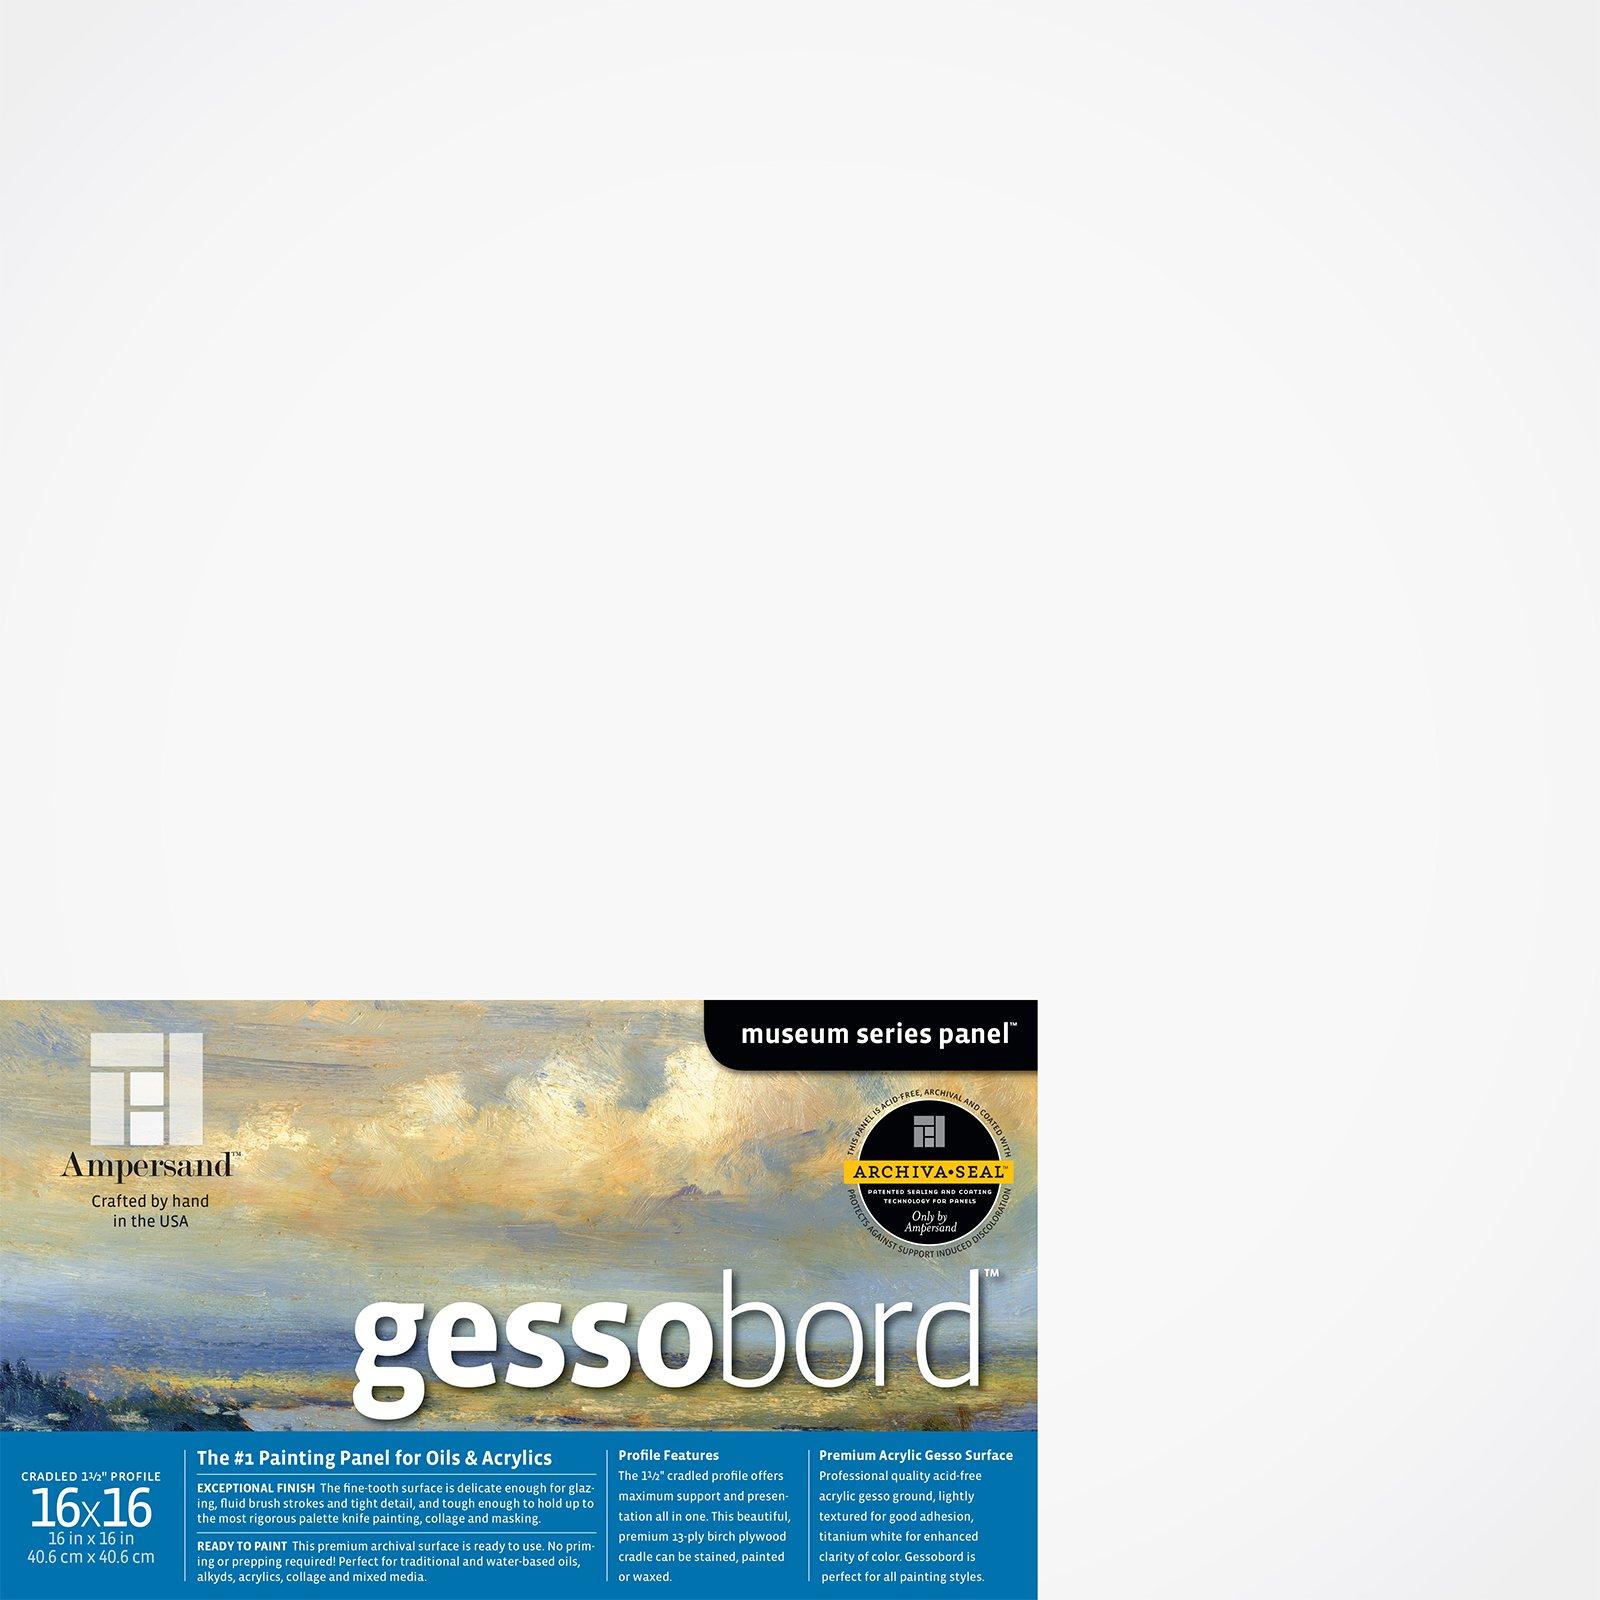 GESSOBORD 1.5IN CRADLED 16X16